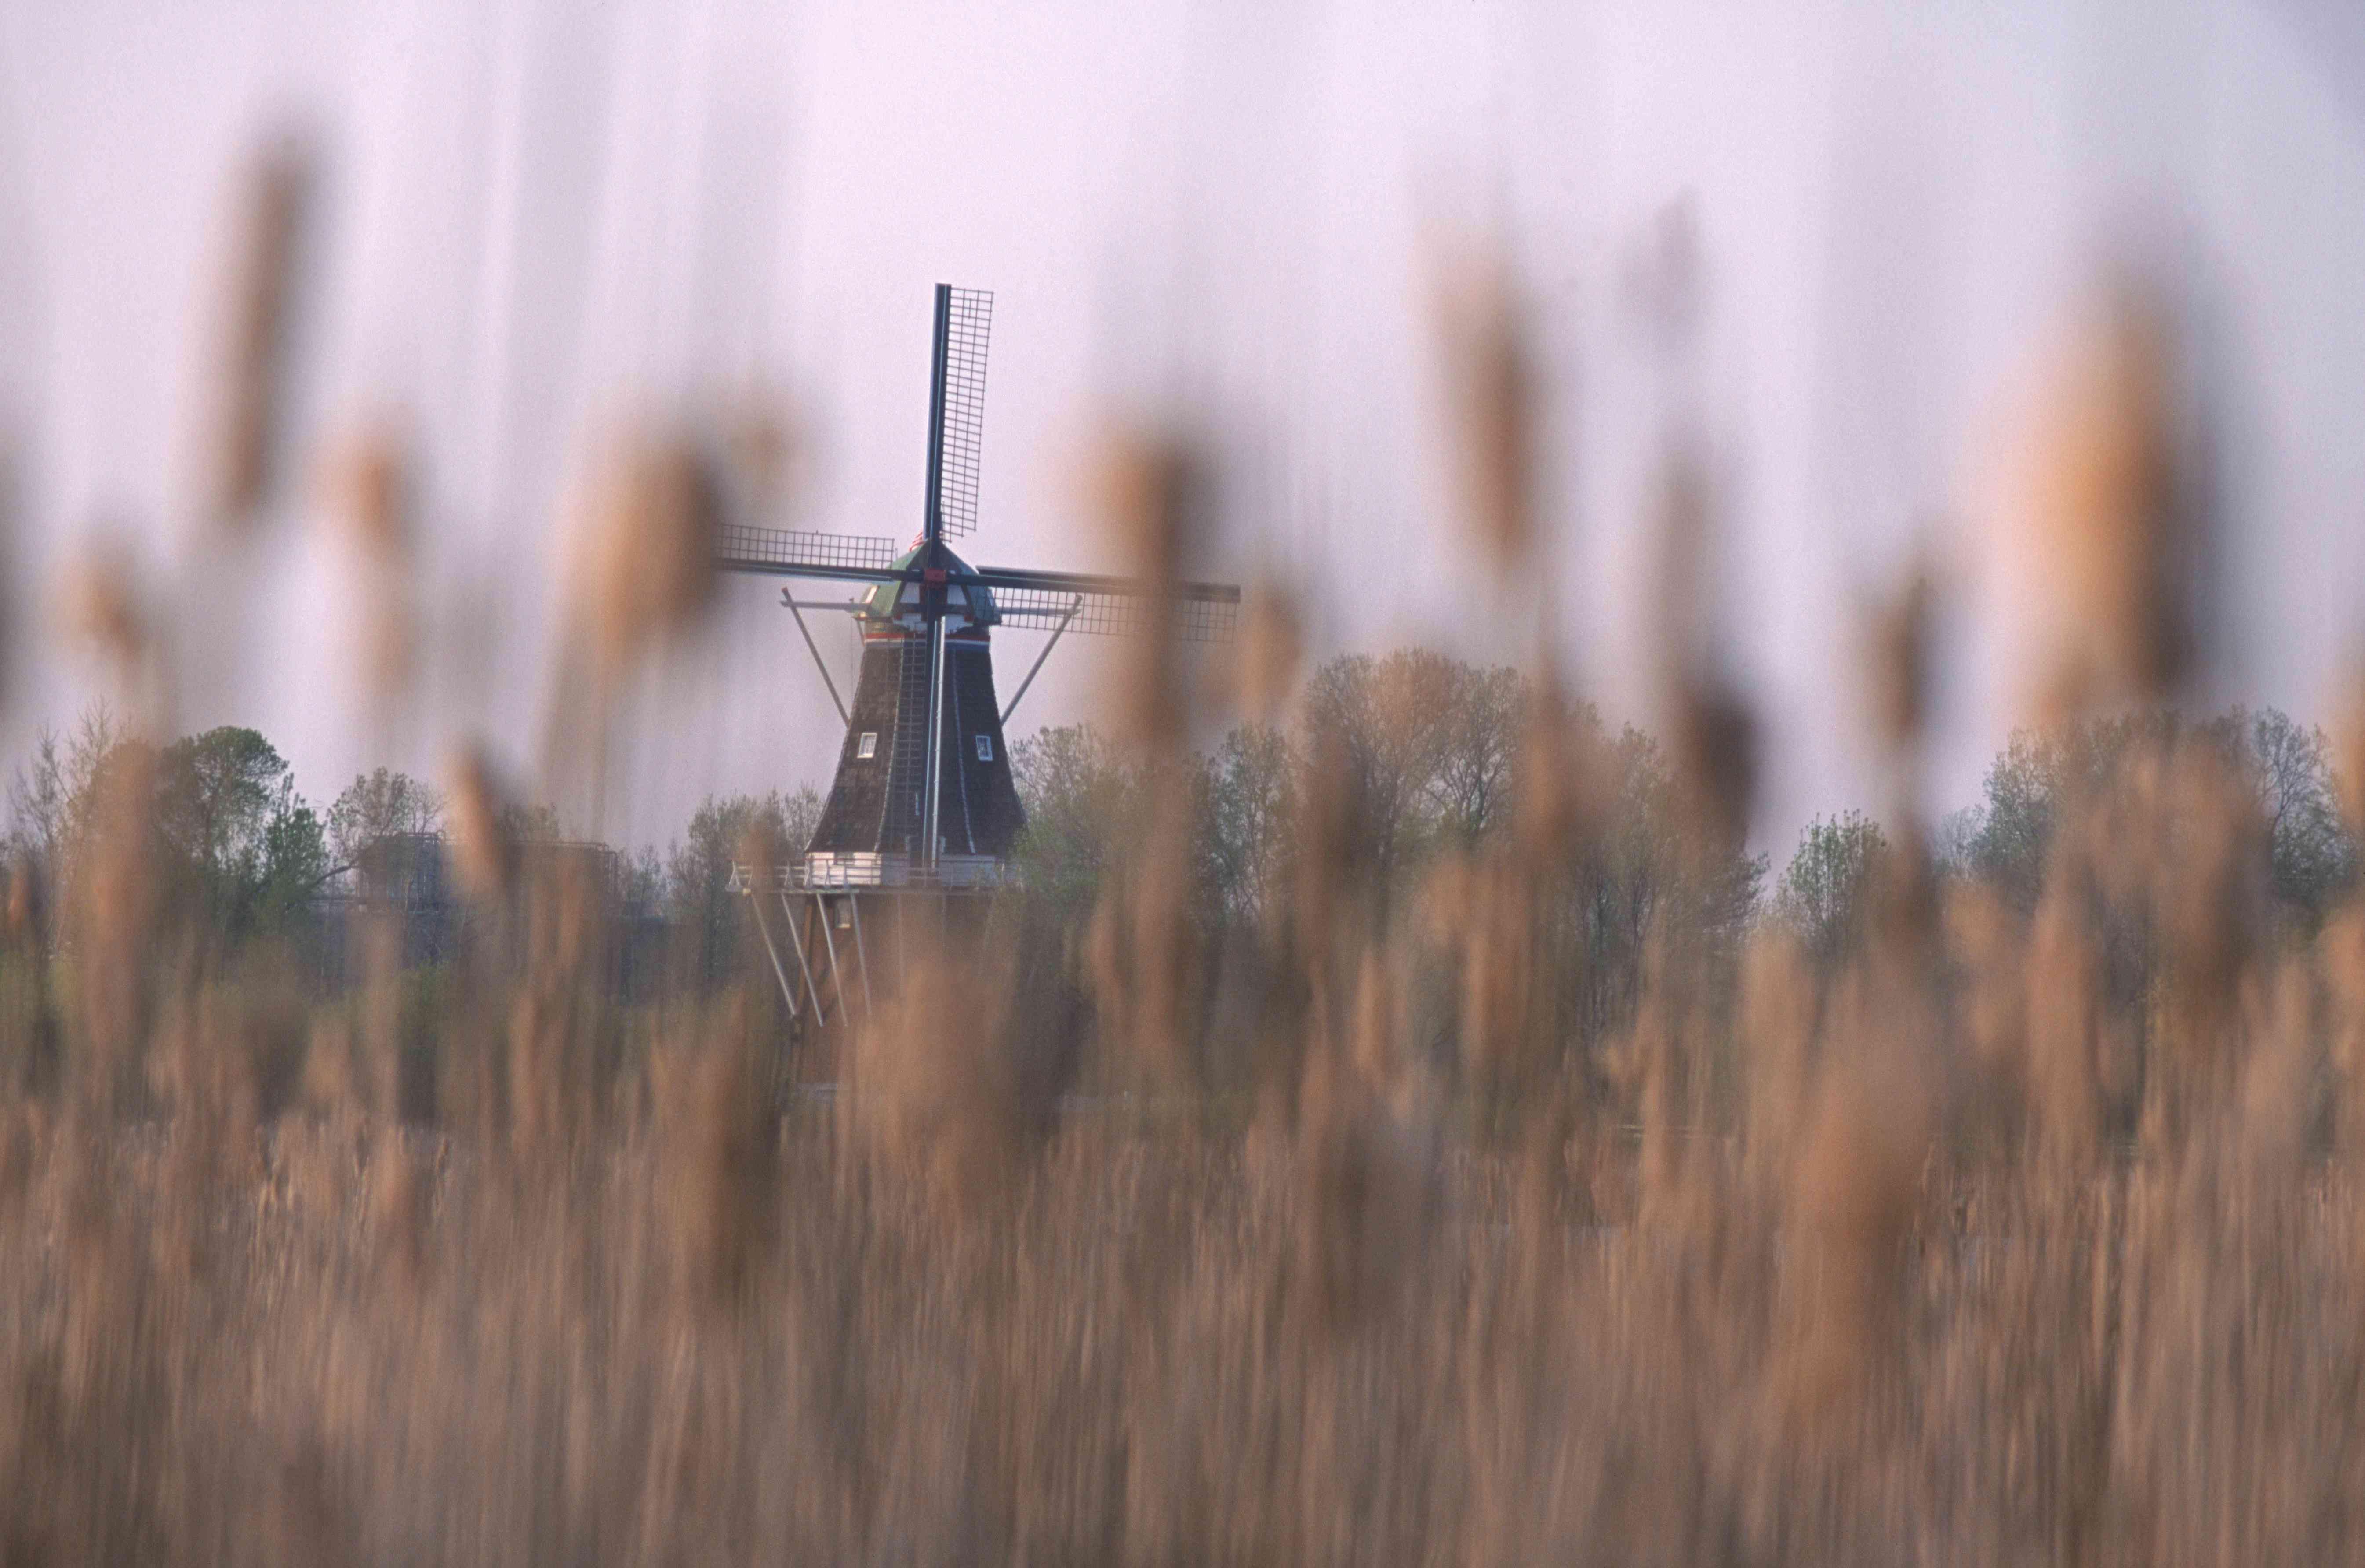 A Dutch windmill in Holland, Michigan.